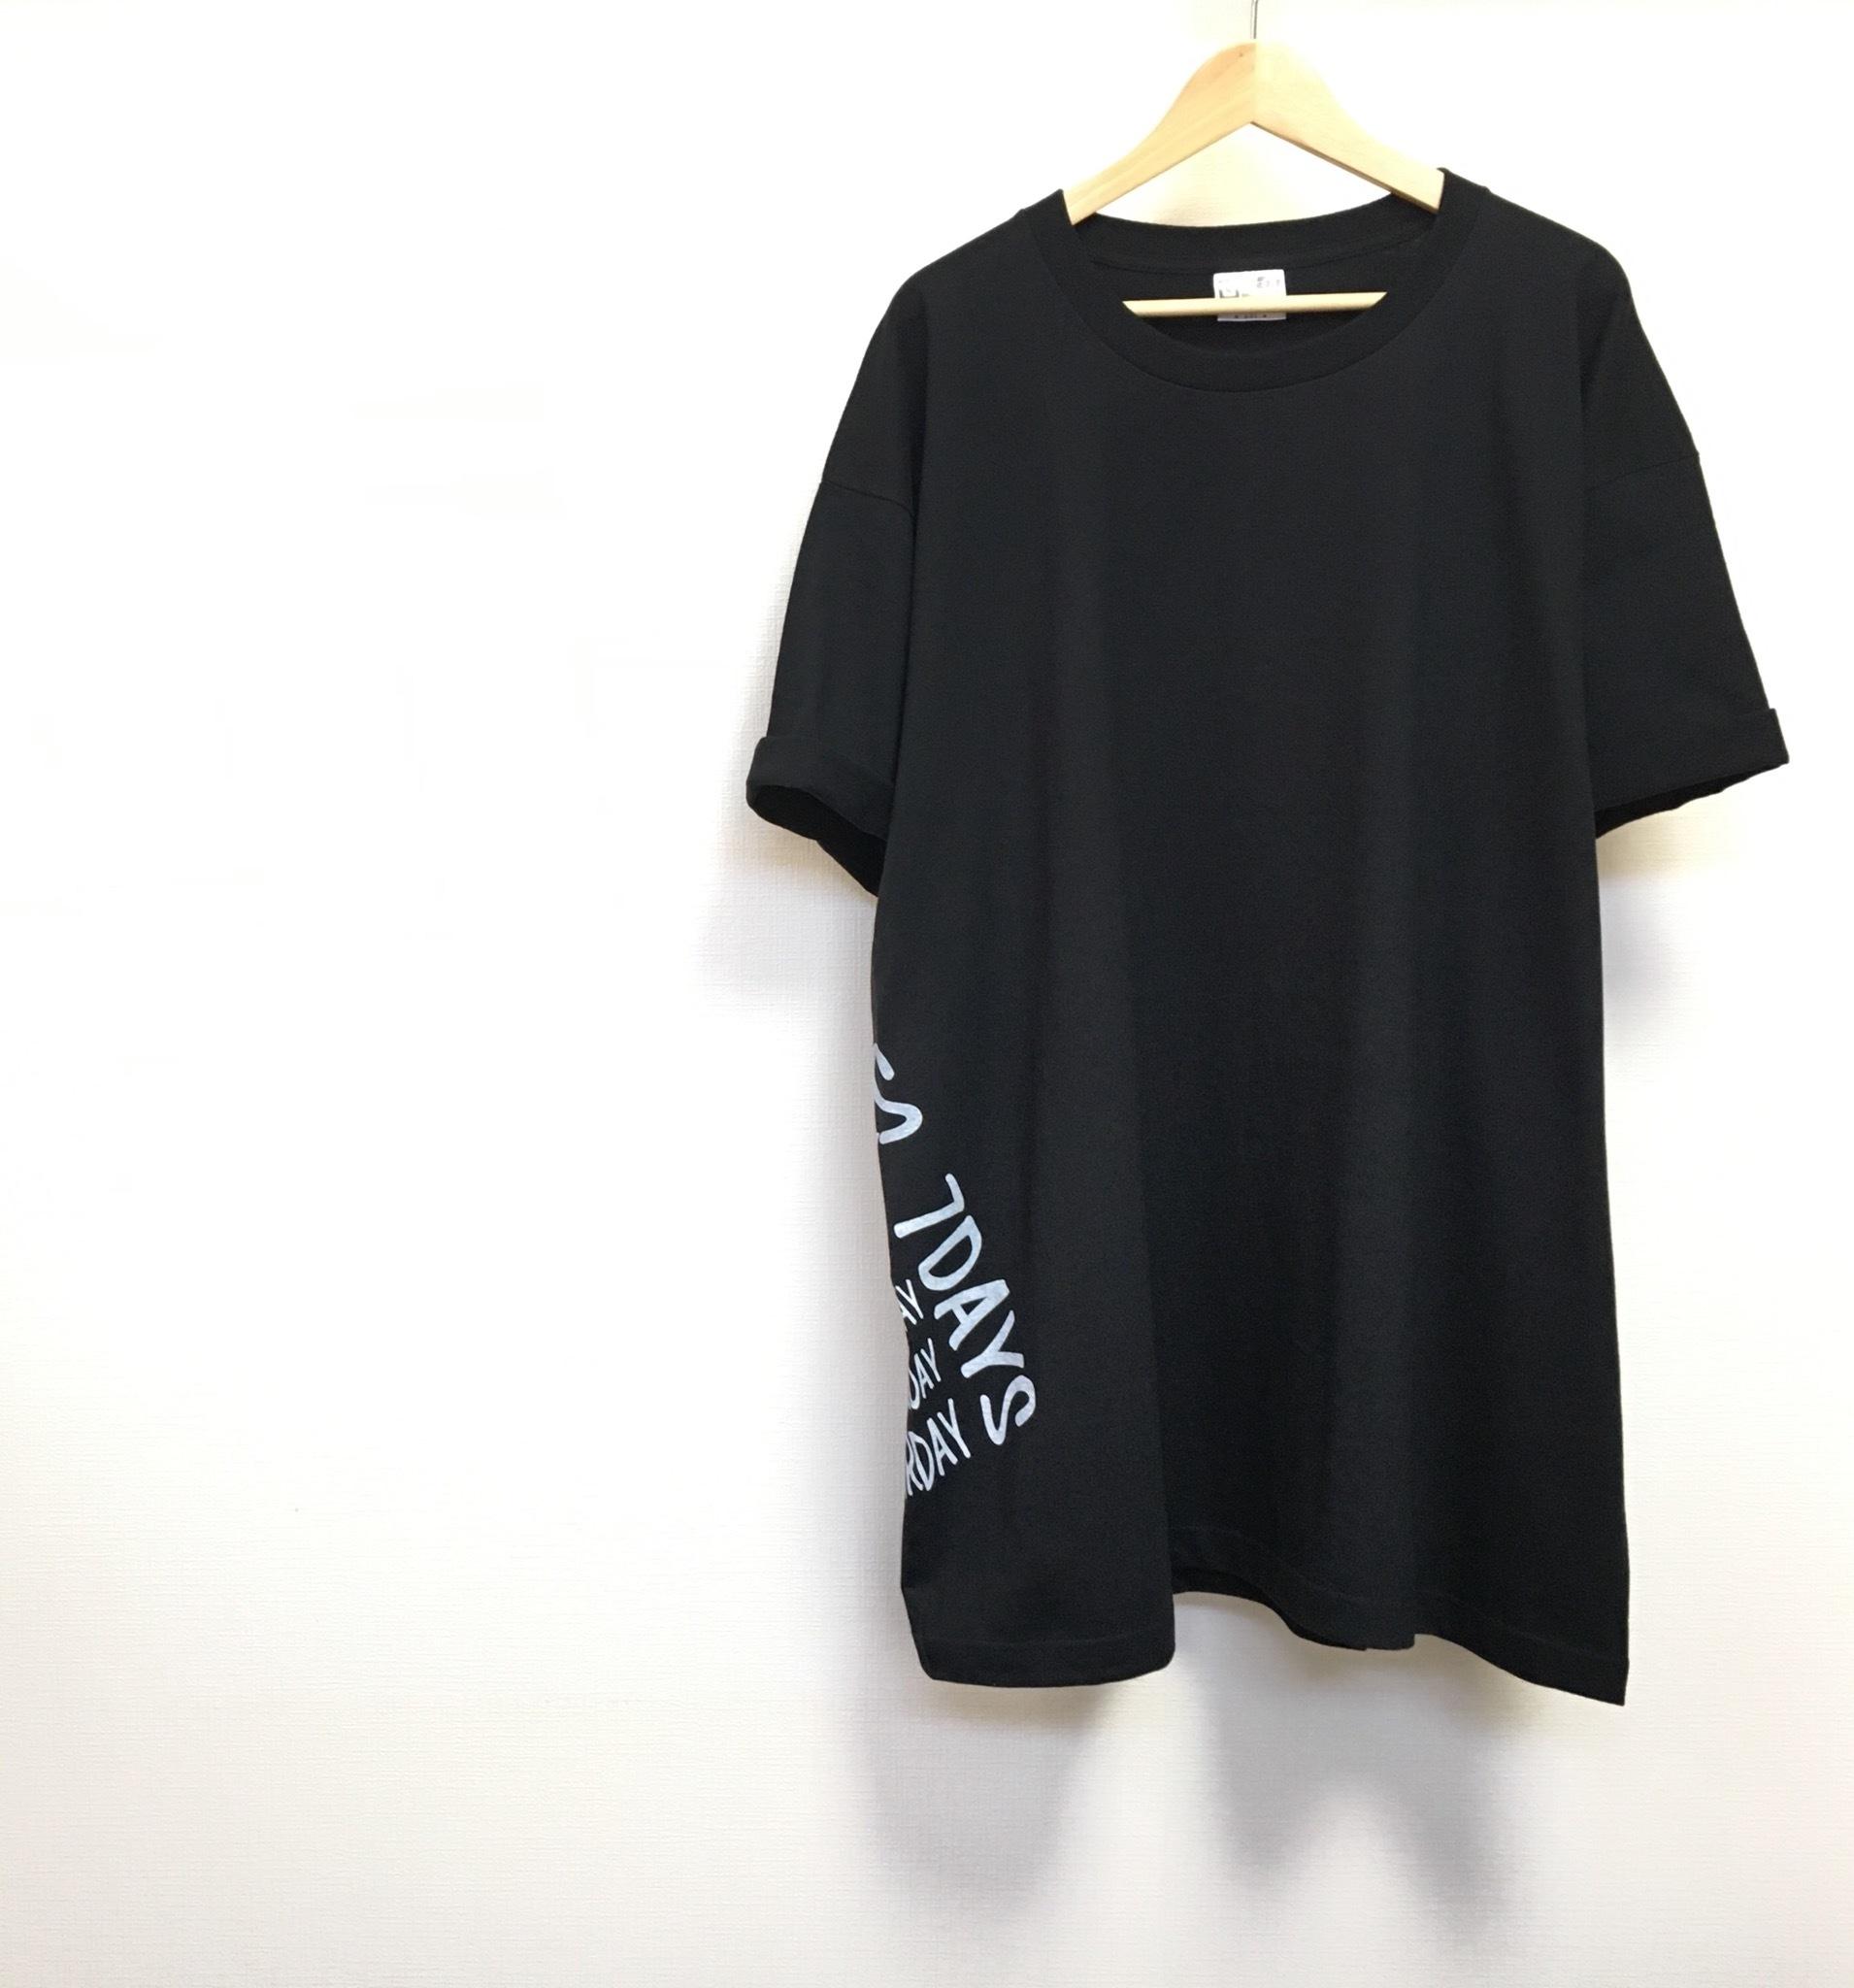 メンズ5XL!!着ると可愛い!超ビッグTシャツ(ブラック)/ おしゃれ 大きいサイズ 6L レディース チュニック 夏